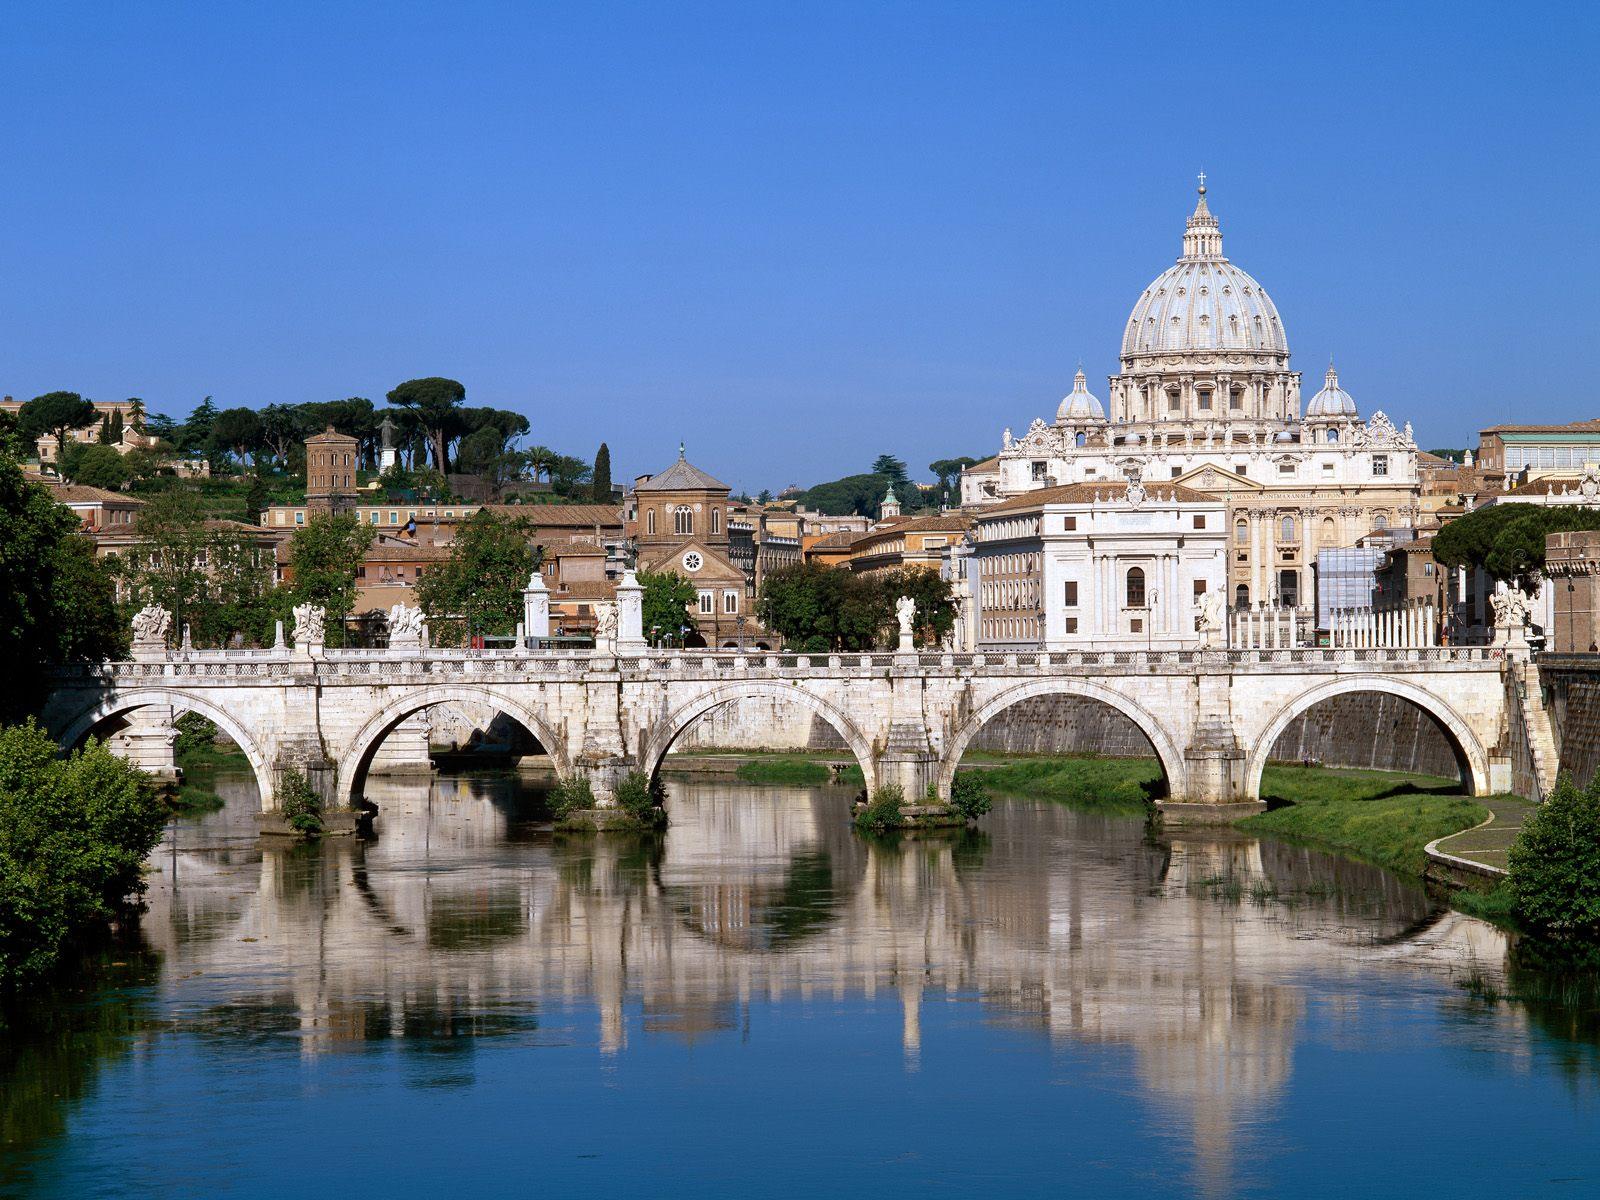 http://3.bp.blogspot.com/-UFA6a-bHZow/Tcp40GW9RhI/AAAAAAAACYM/kJyxsNdUZ48/s1600/The+Vatican+Seen+Past+the+Tiber+River%252C+Rome%252C+Italy.jpg